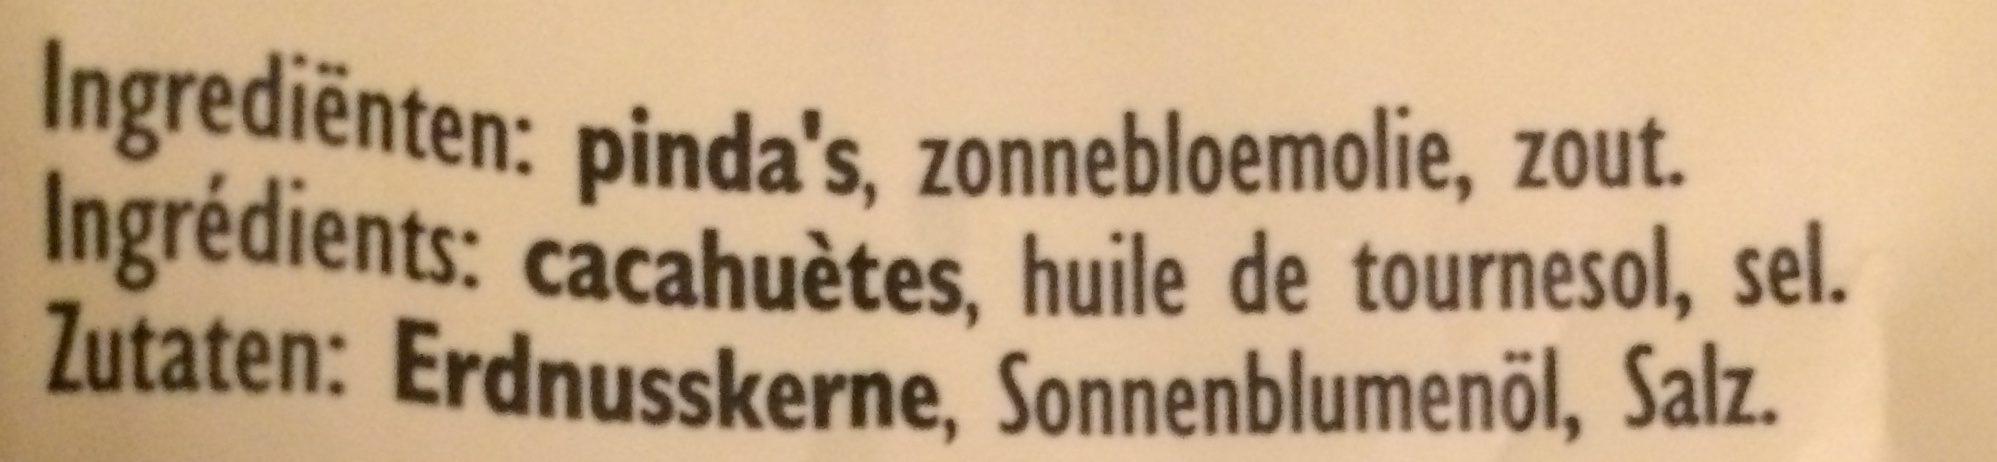 Peanuts - Ingrediënten - fr